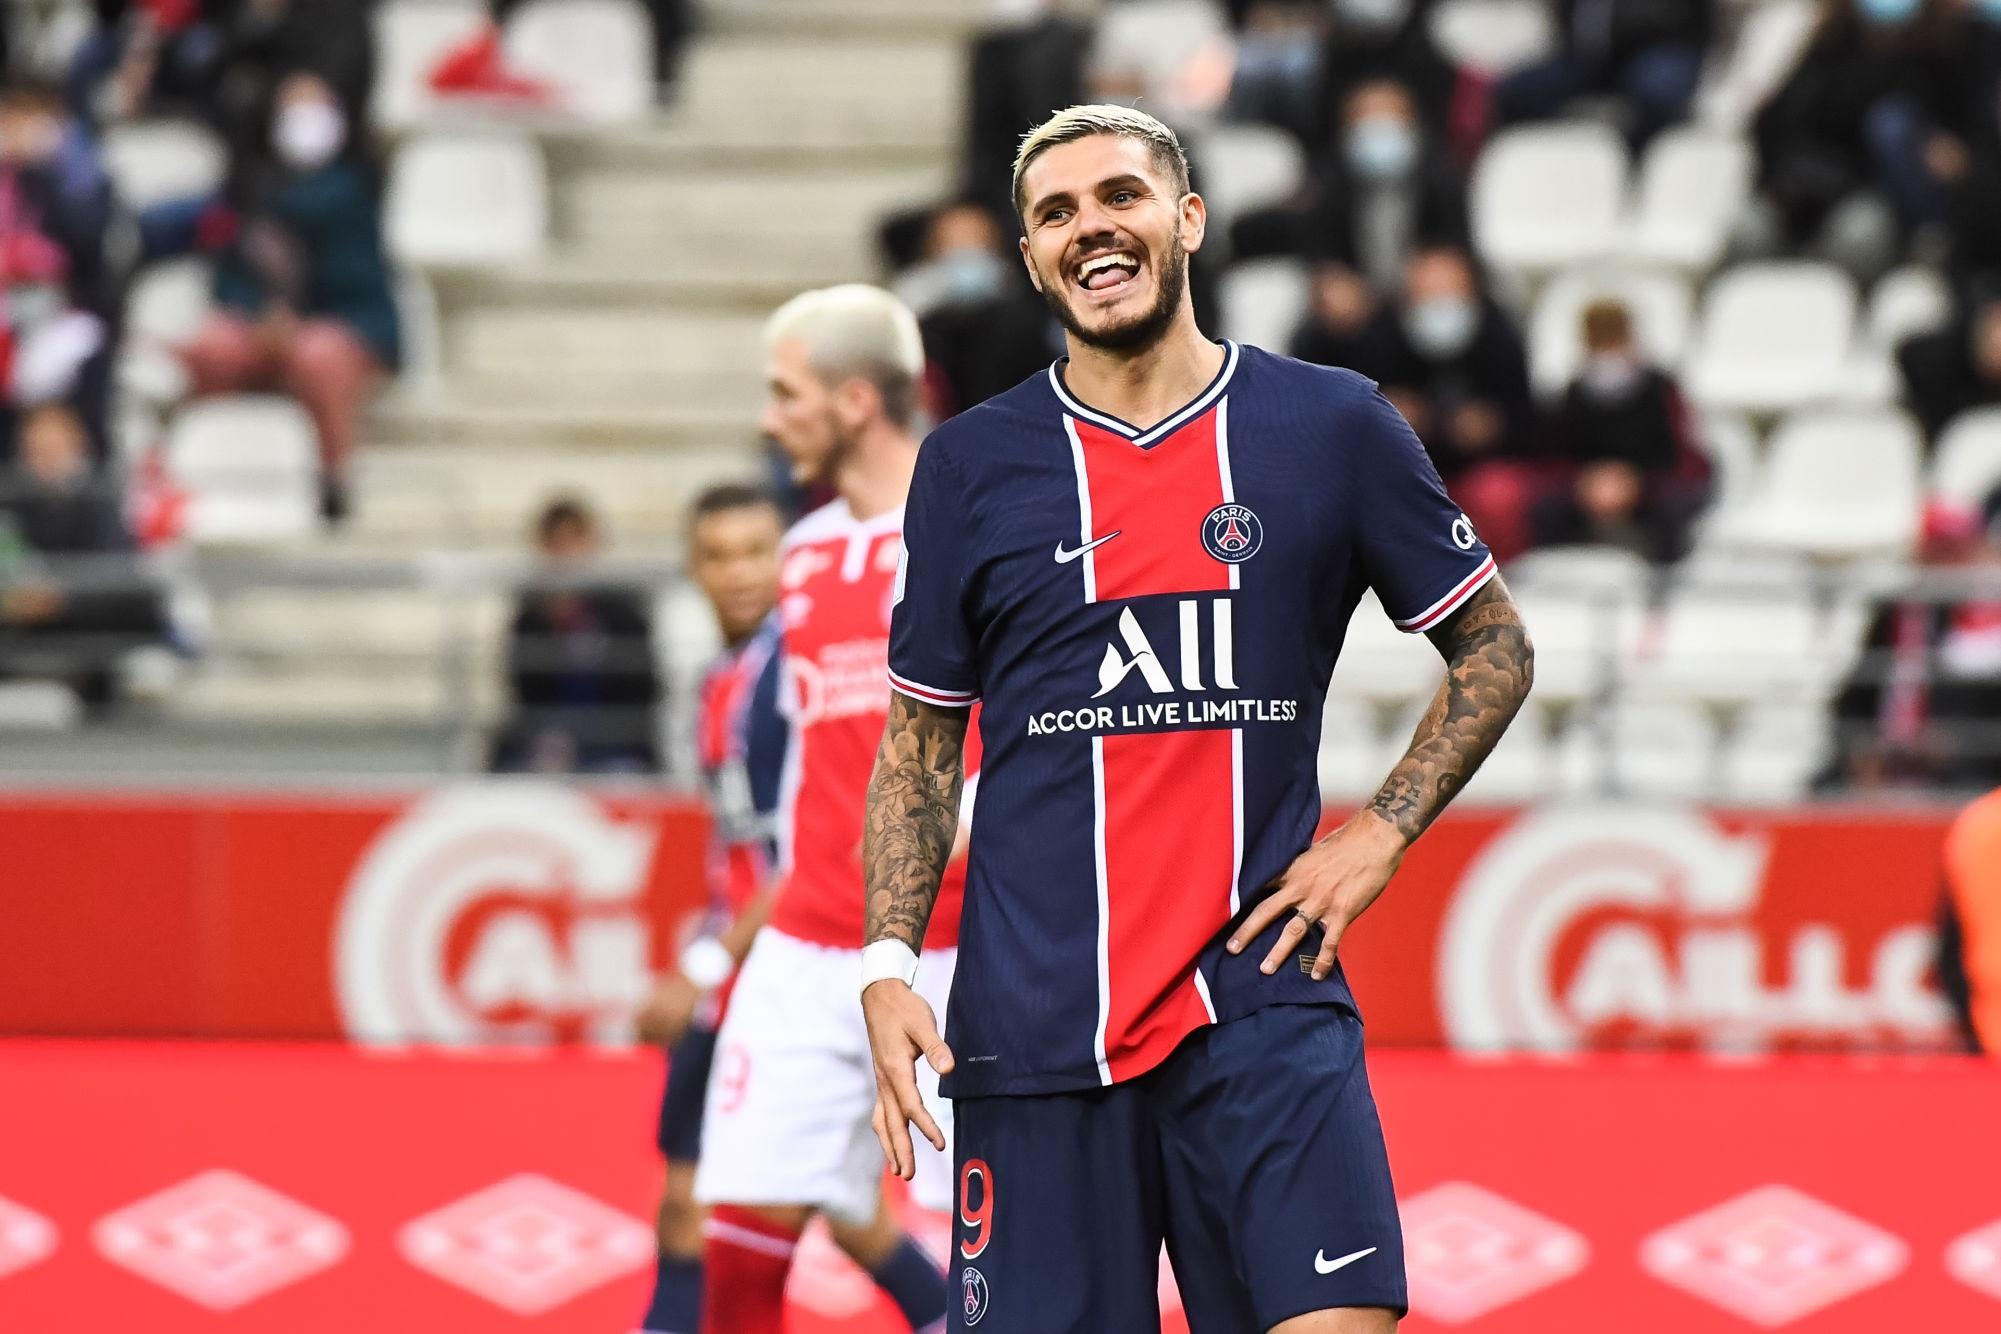 Le 1er but d'Icardi à Reims élu plus beau but du PSG en septembre par les supporters